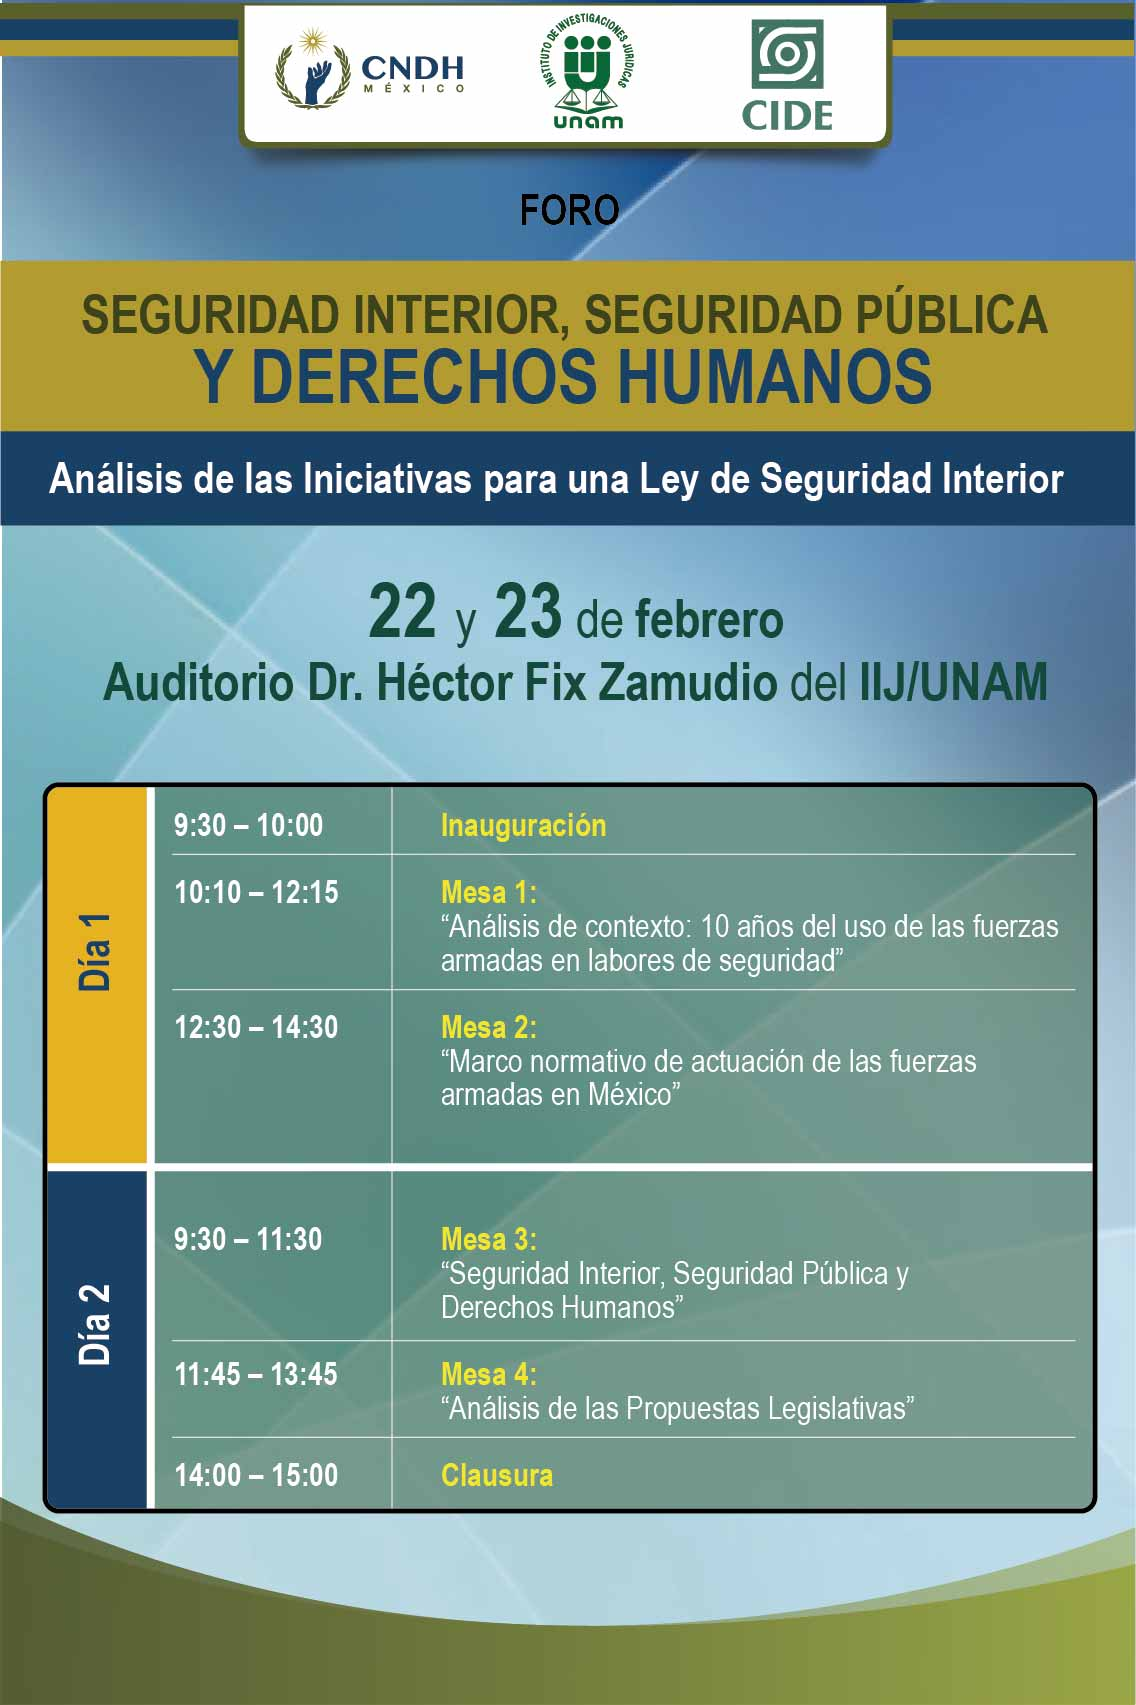 Foro en seguridad interior, seguridad pública y derechos humanos: Análisis de las iniciativas de ley de seguridad interior.